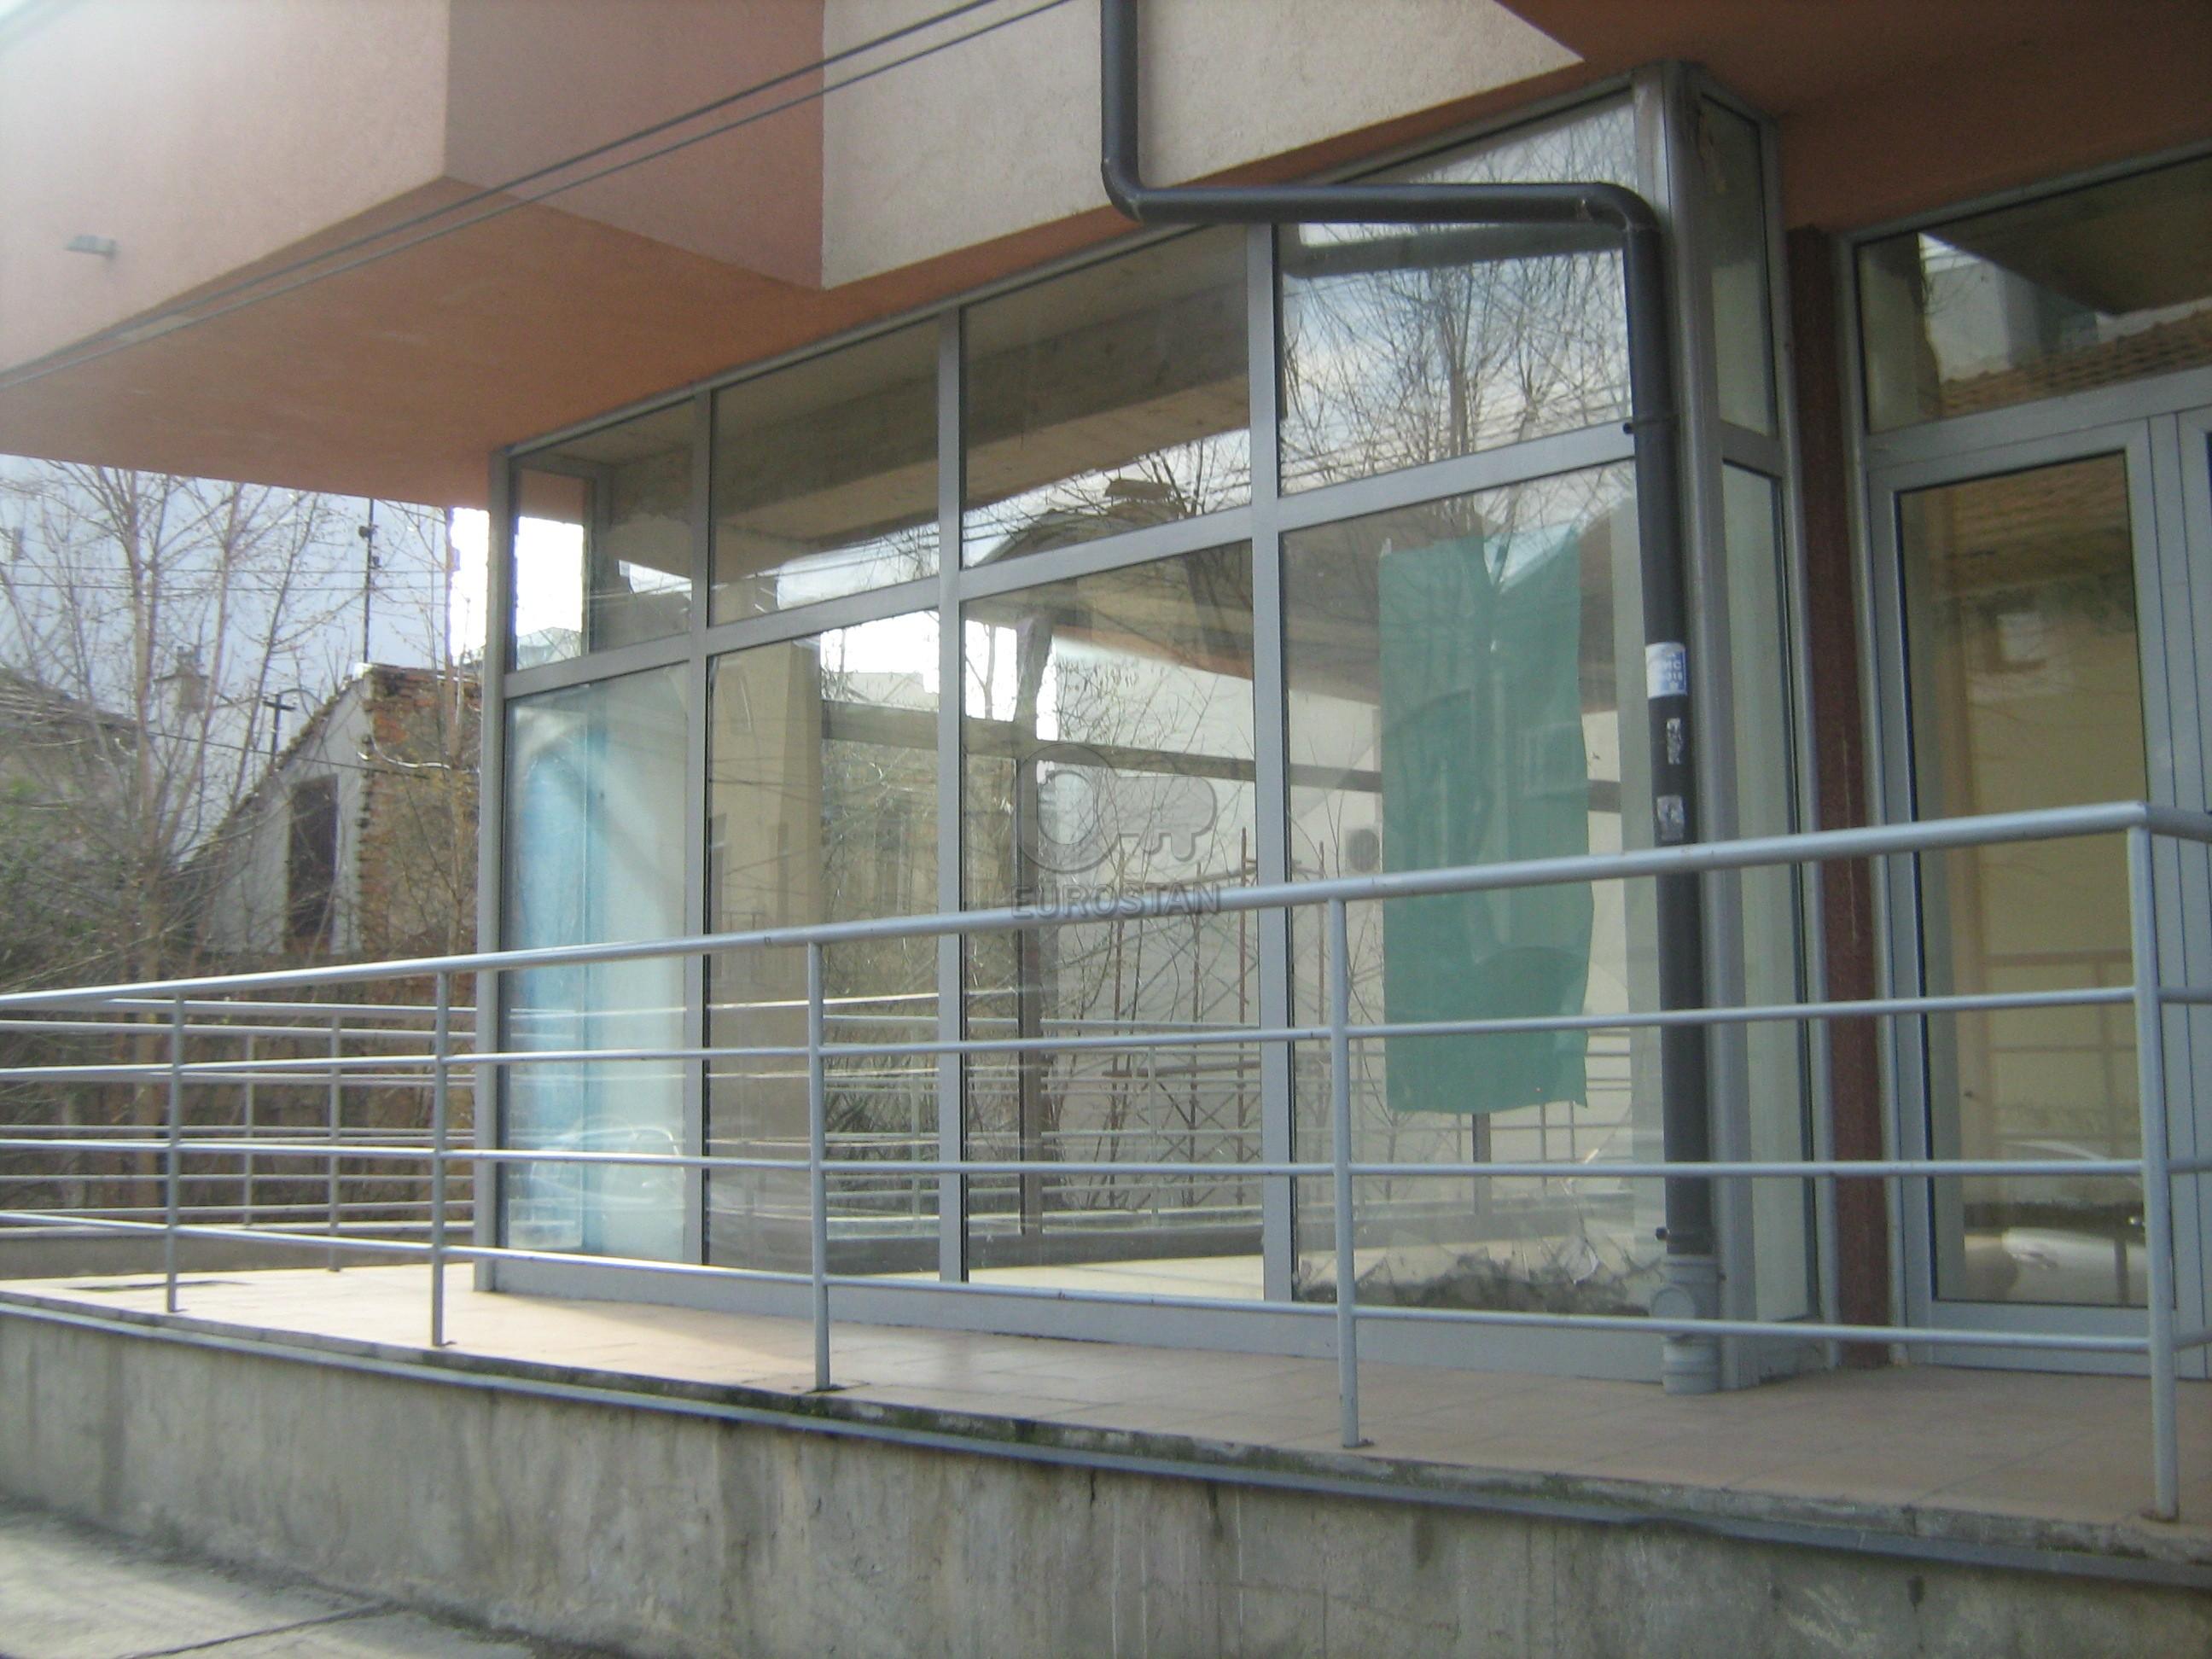 Poslovni prostor VOJVODE STEPE 52000 EUR